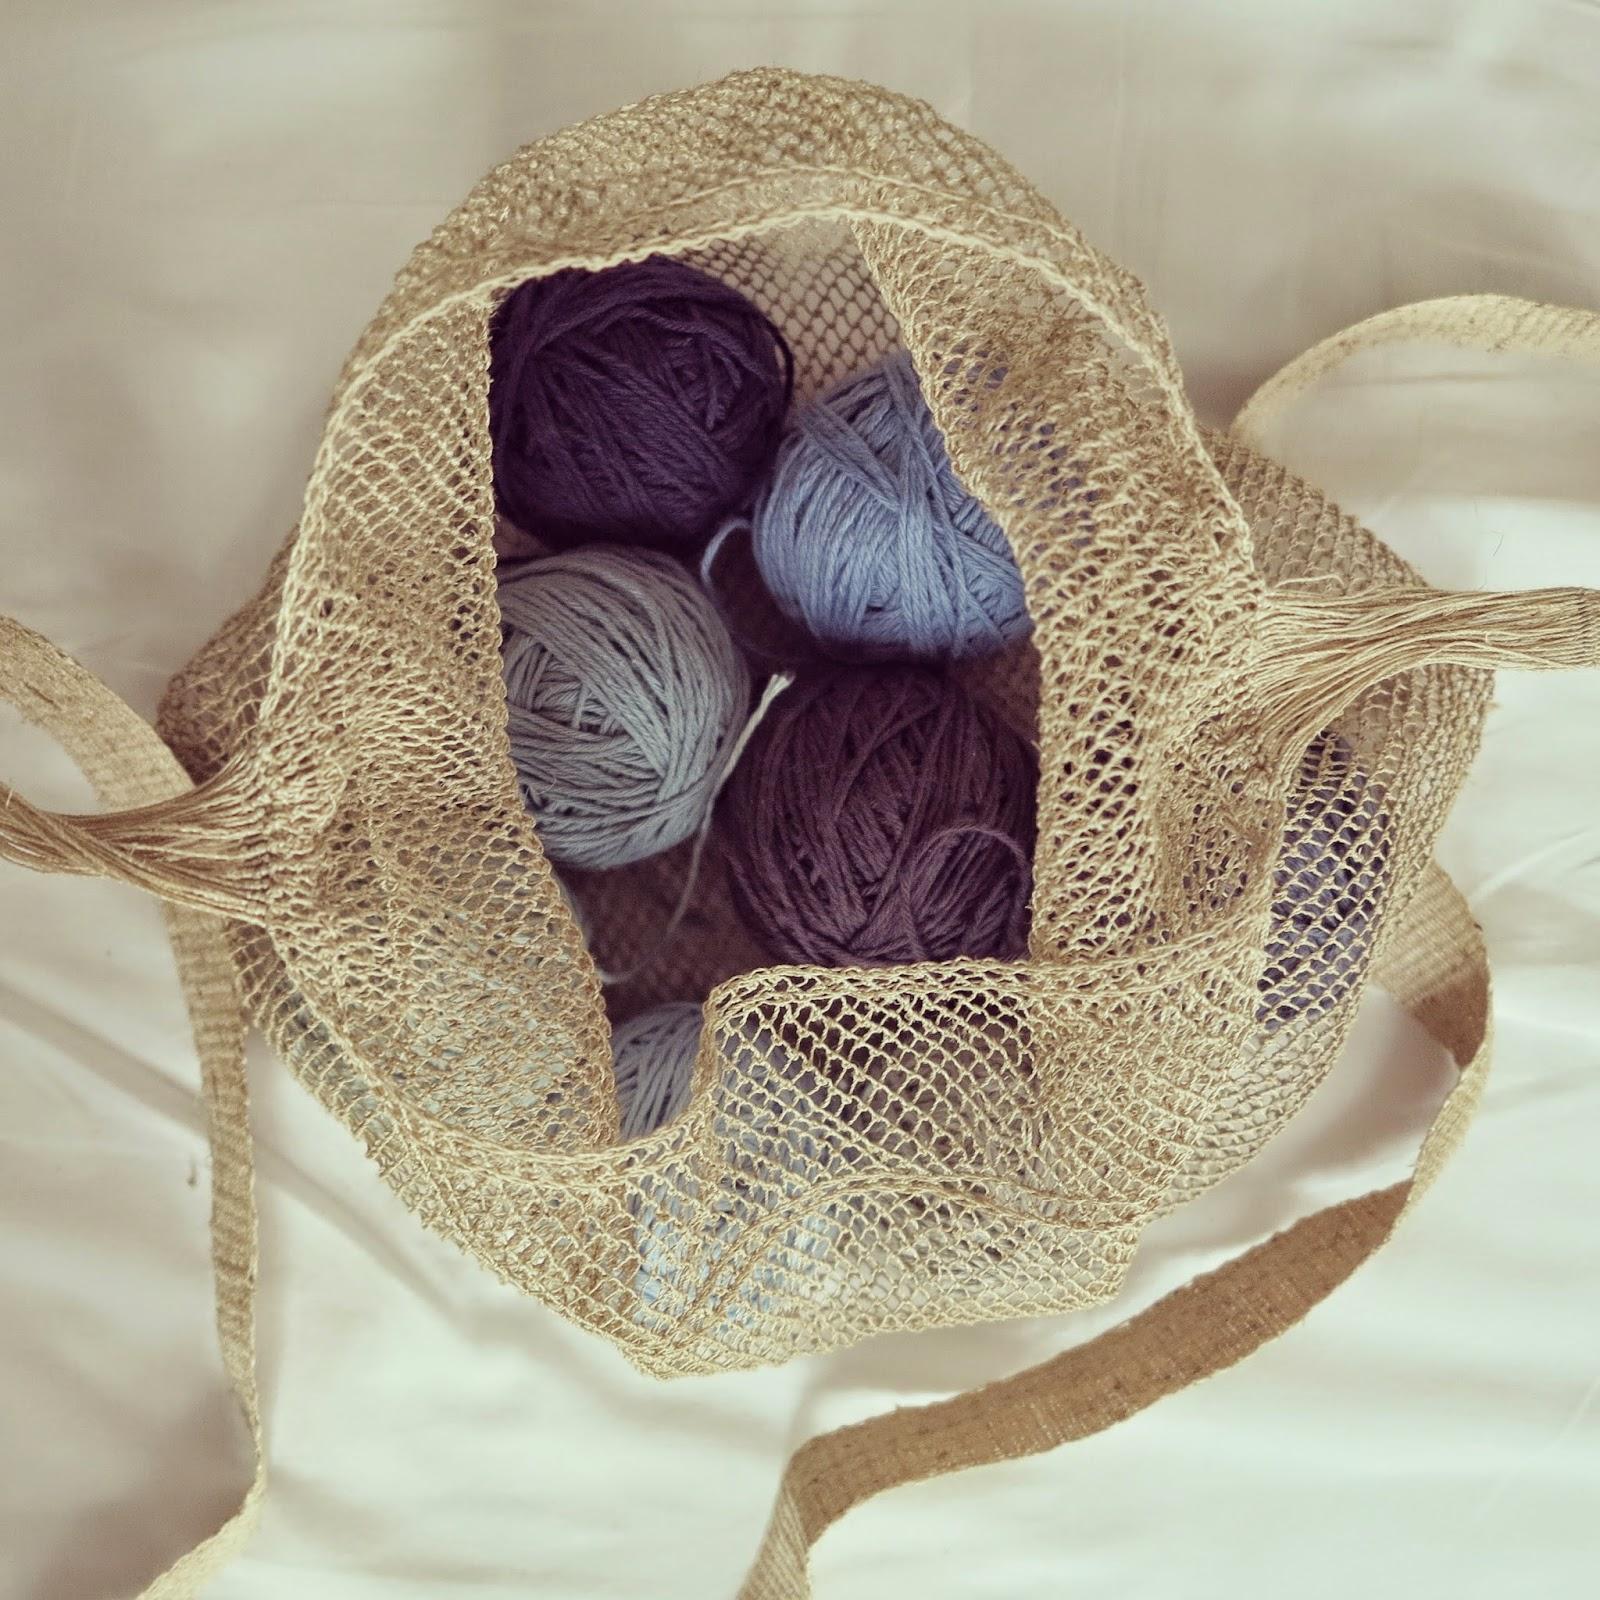 ByHaafner, natural fibres, cotton yarn